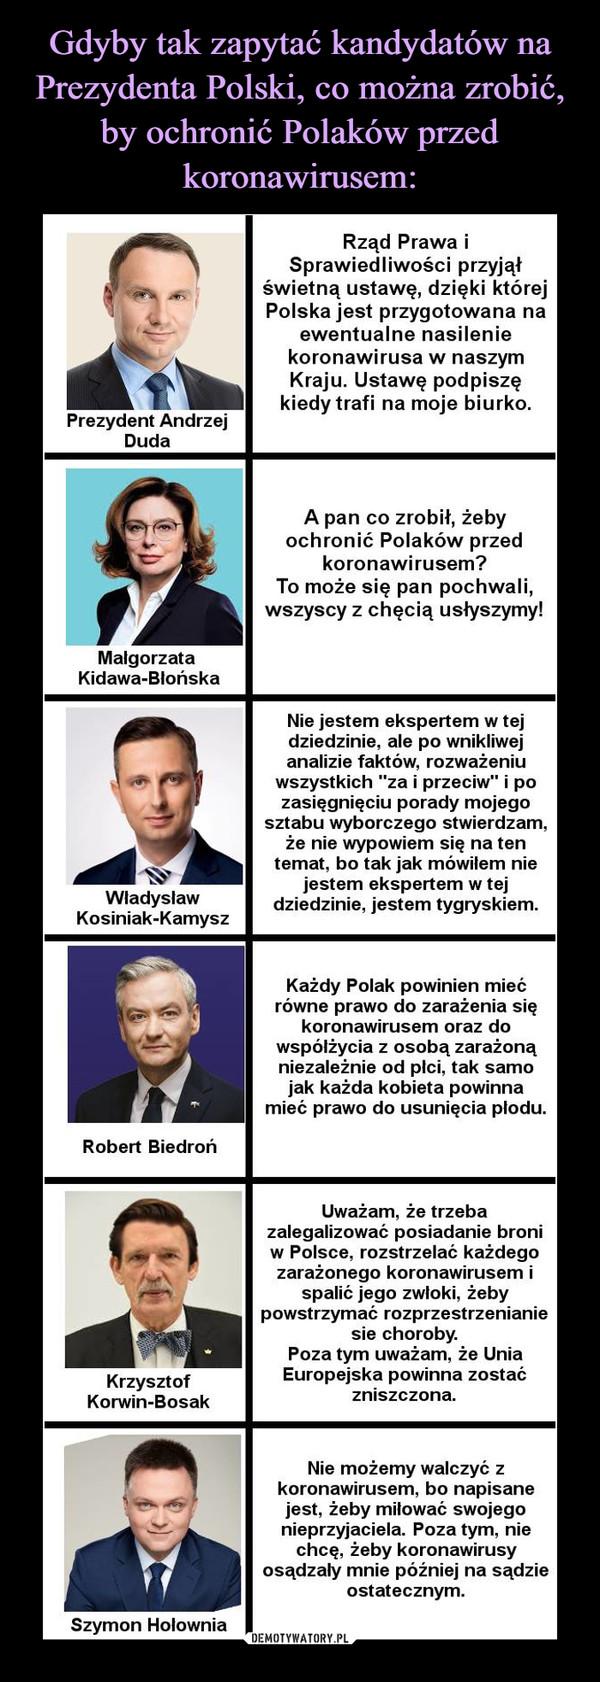 """–  Rząd Prawa iSprawiedliwości przyjąłświetną ustawę, dzięki którejPolska jest przygotowana naewentualne nasileniekoronawirusa w naszymKraju. Ustawę podpiszękiedy trafi na moje biurko.Prezydent AndrzejDudaA pan co zrobił, żebyochronić Polaków przedkoronawirusem?To może się pan pochwali,wszyscy z chęcią usłyszymy!MałgorzataKidawa-BlońskaNie jestem ekspertem w tejdziedzinie, ale po wnikliwejanalizie faktów, rozważeniuwszystkich """"za i przeciw"""" i pozasięgnięciu porady mojegosztabu wyborczego stwierdzam,że nie wypowiem się na tentemat, bo tak jak mówiłem niejestem ekspertem w tejWładysławdziedzinie, jestem tygryskiem.Kosiniak-KamyszKażdy Polak powinien miećrówne prawo do zarażenia siękoronawirusem oraz dowspółżycia z osobą zarażonąniezależnie od płci, tak samojak każda kobieta powinnamieć prawo do usunięcia płodu.Robert BiedrońUważam, że trzebazalegalizować posiadanie broniw Polsce, rozstrzelać każdegozarażonego koronawirusem ispalić jego zwłoki, żebypowstrzymać rozprzestrzenianiesie choroby.Poza tym uważam, że UniaKrzysztofEuropejska powinna zostaćzniszczona.Korwin-BosakNie możemy walczyć zkoronawirusem, bo napisanejest, żeby miłować swojegonieprzyjaciela. Poza tym, niechcę, żeby koronawirusyosądzały mnie później na sądzieostatecznym.Szymon Hołownia"""